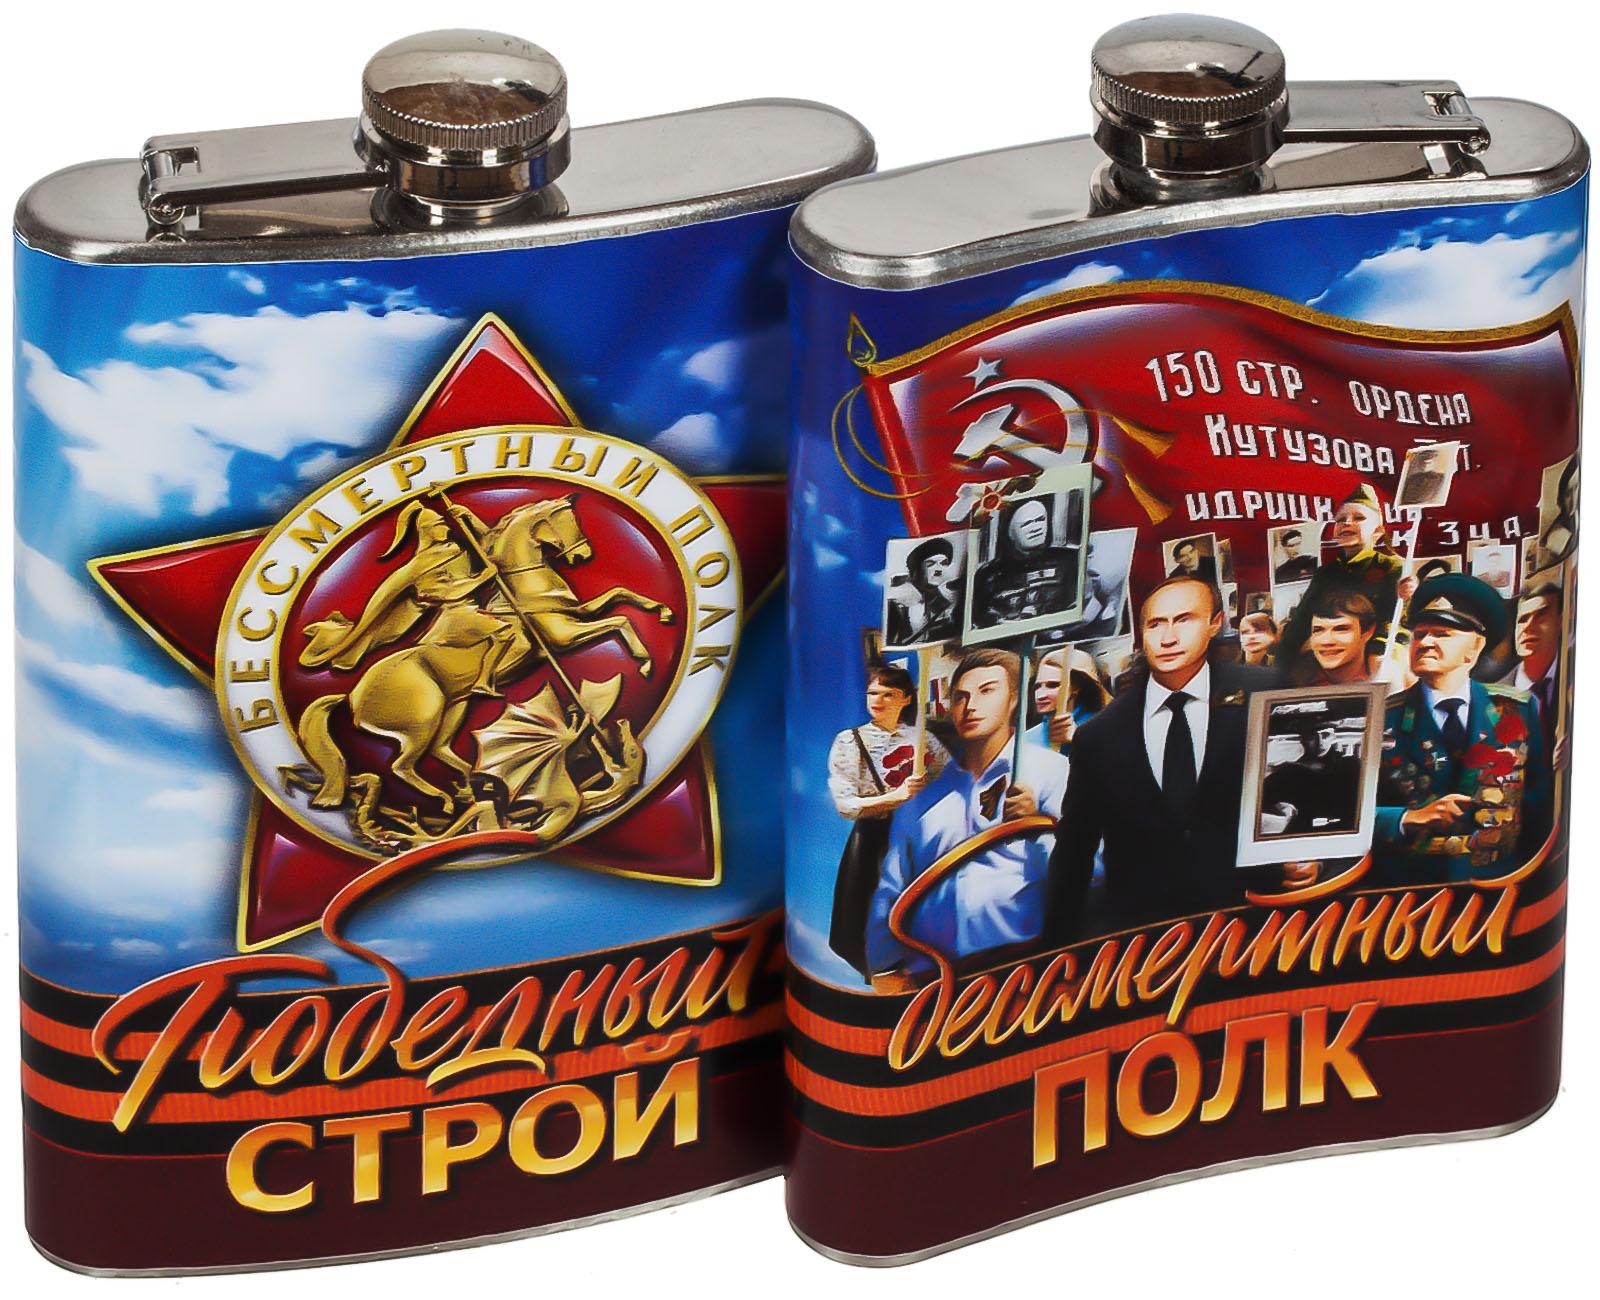 """Купить фляжку """"Бессмертный полк"""" в Военпро по лучшей цене"""